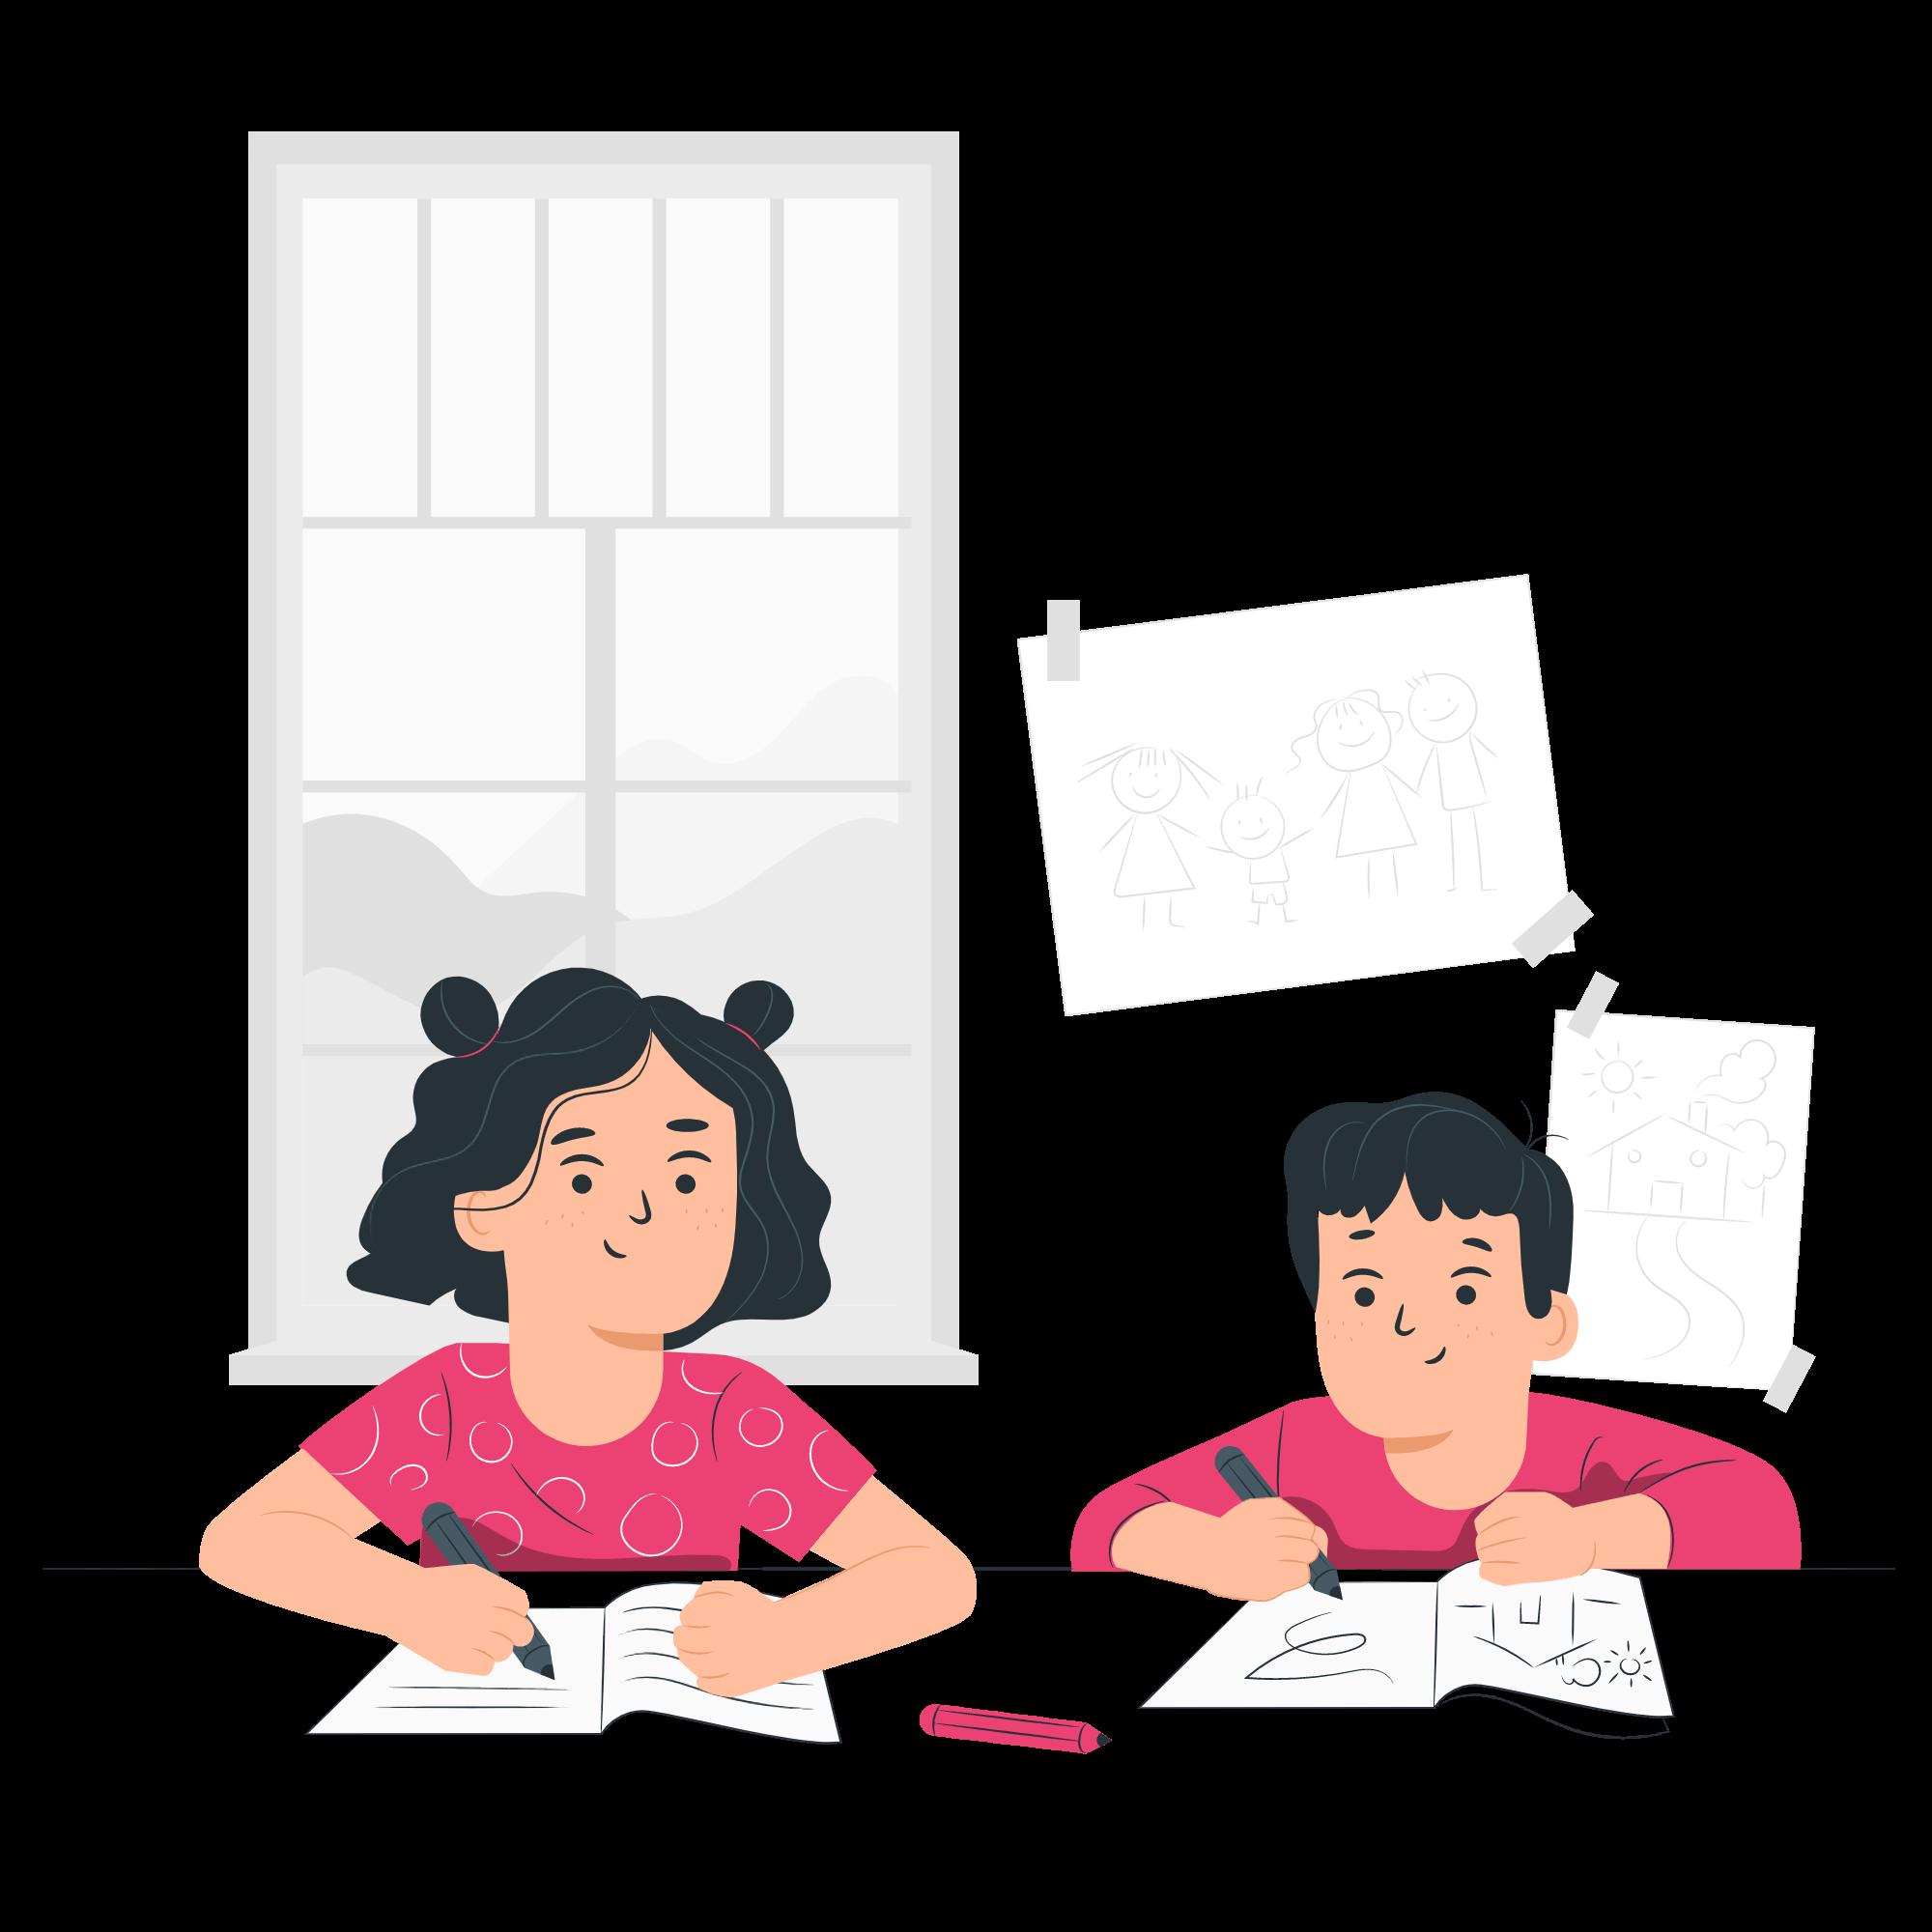 exercice de motricité fine pour la dyslexie à la maison